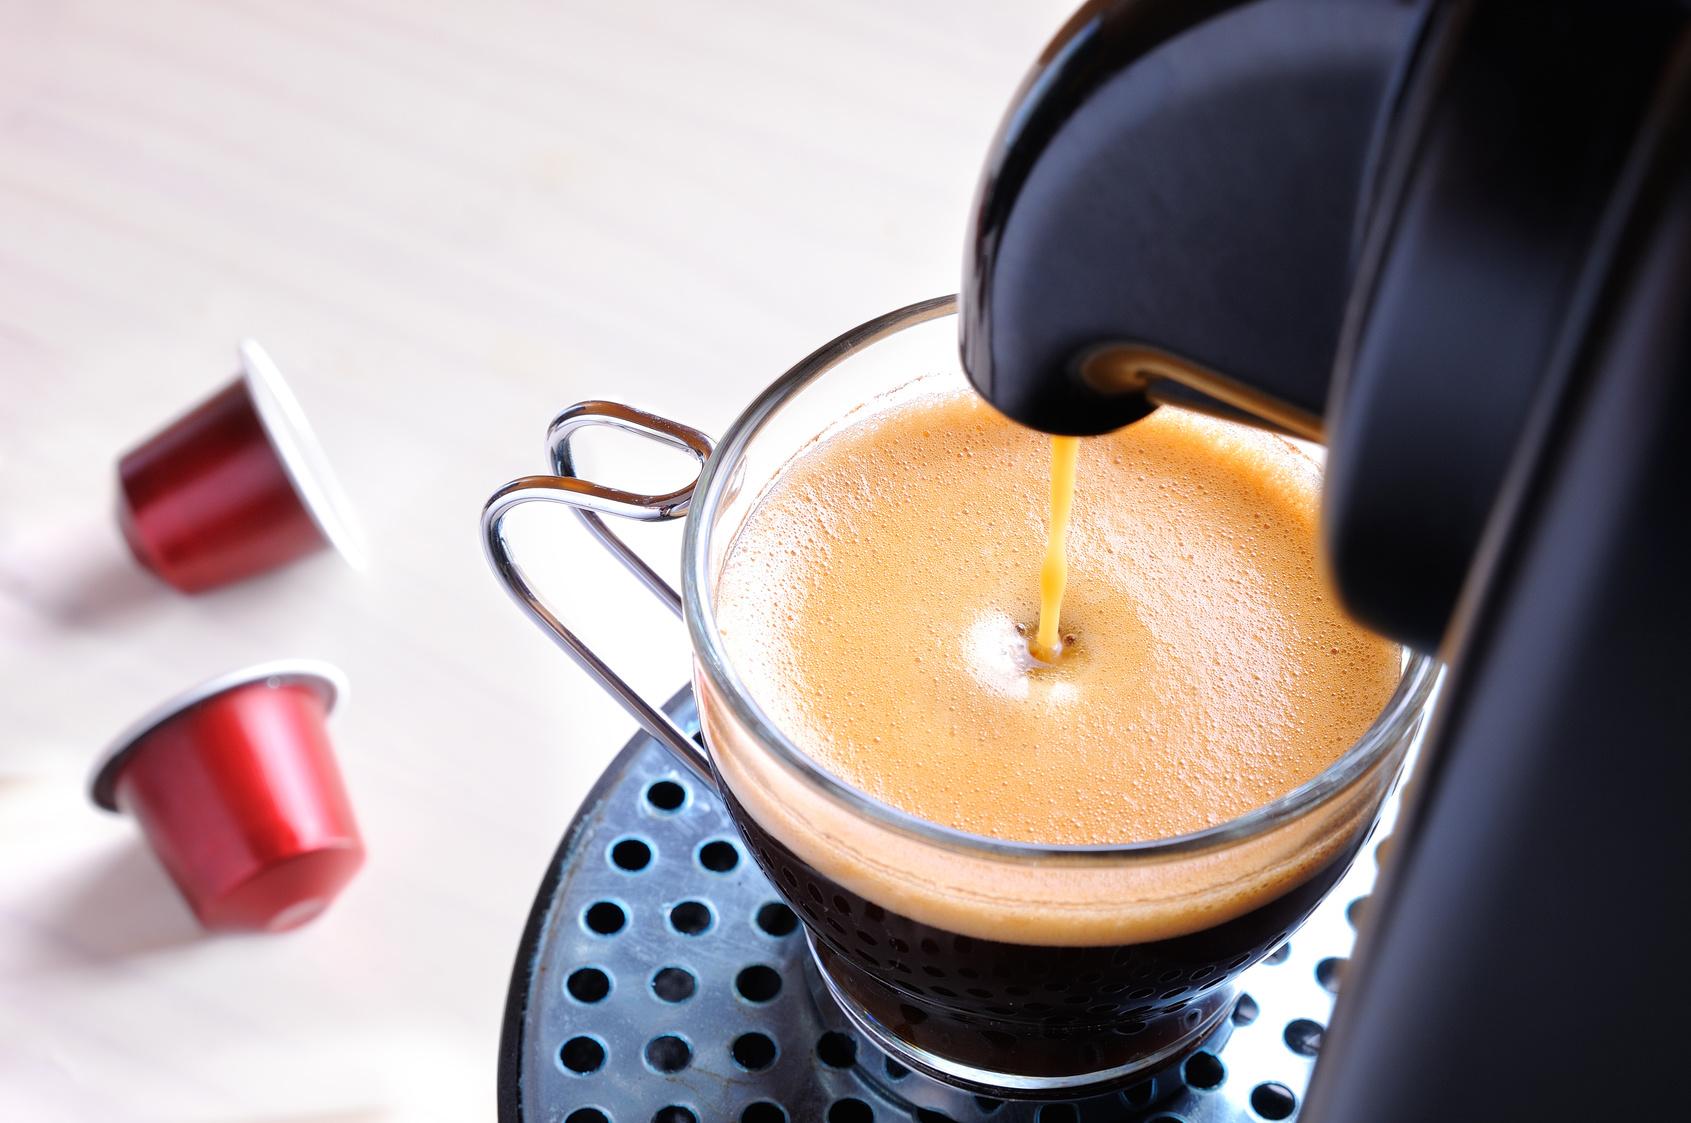 Máquina de café: 8 dicas para comprar o melhor modelo